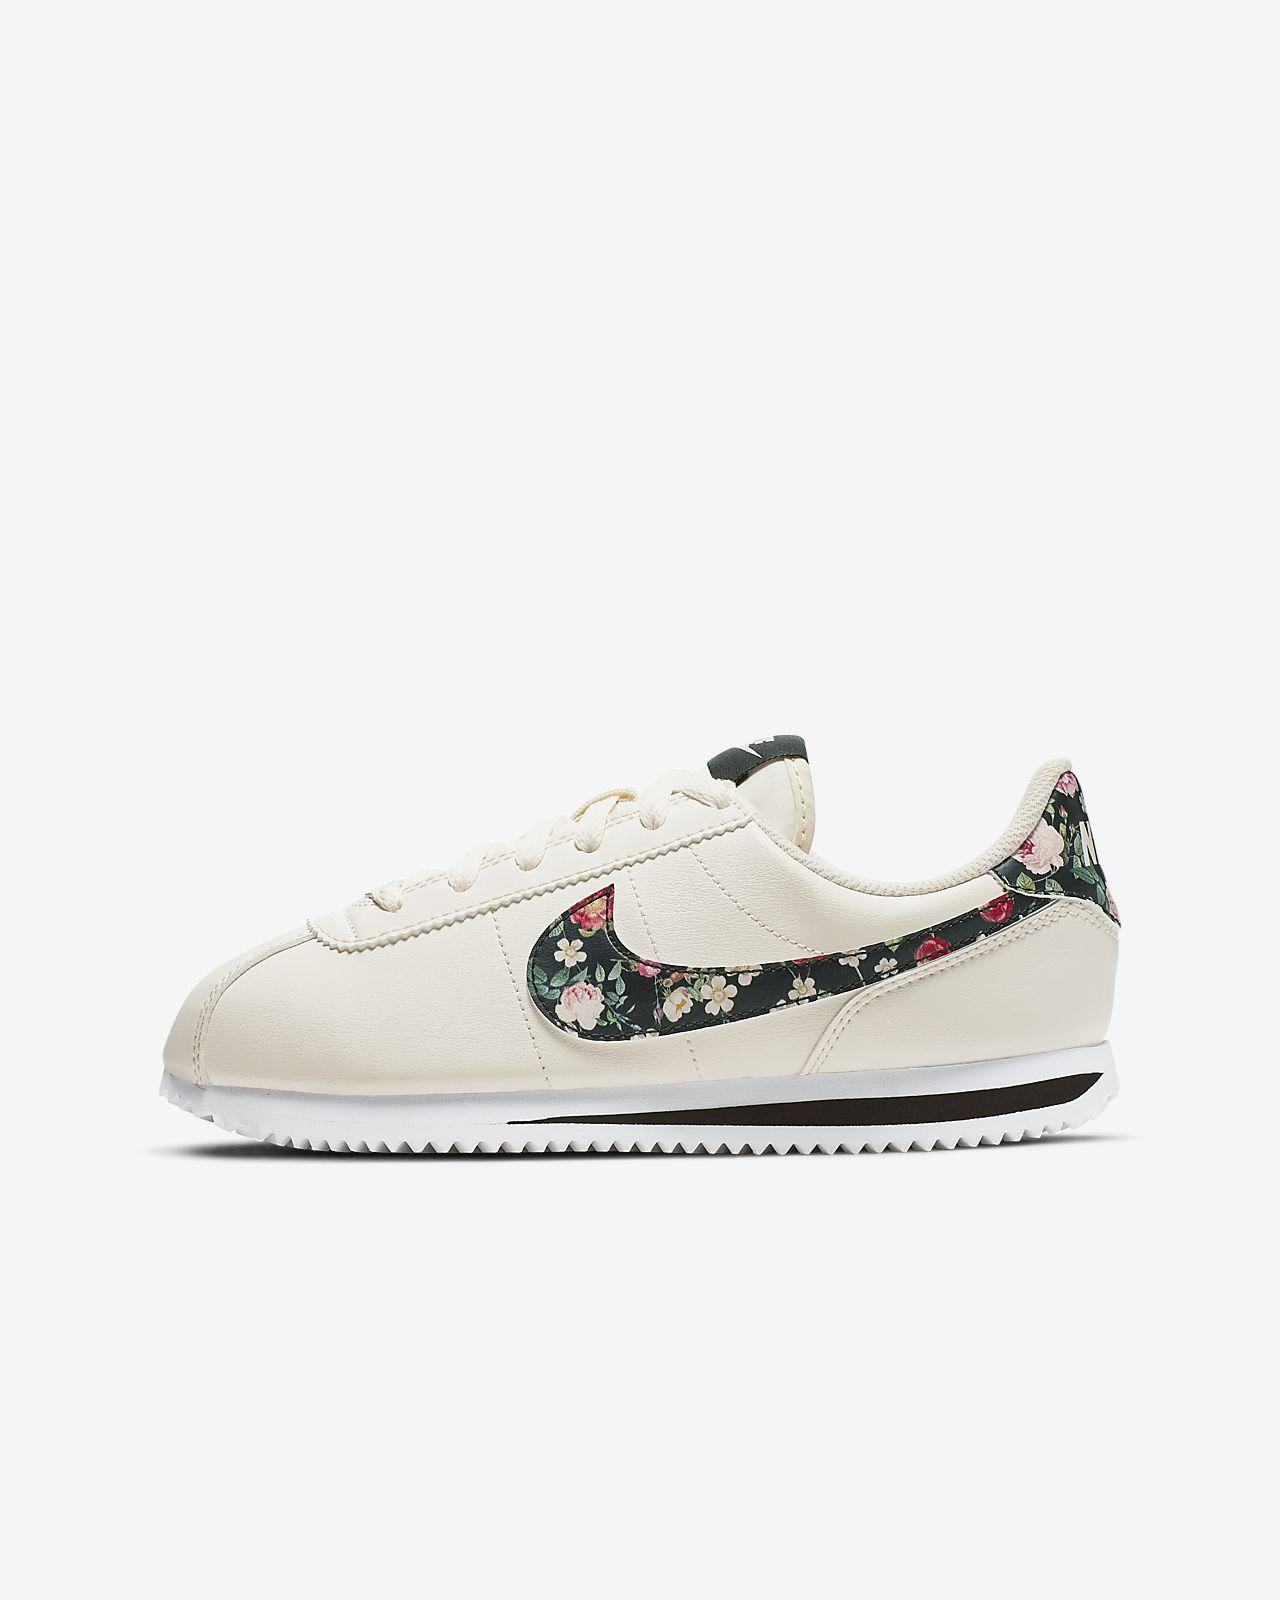 Buty dla dużych dzieci Nike Cortez Basic Vintage Floral